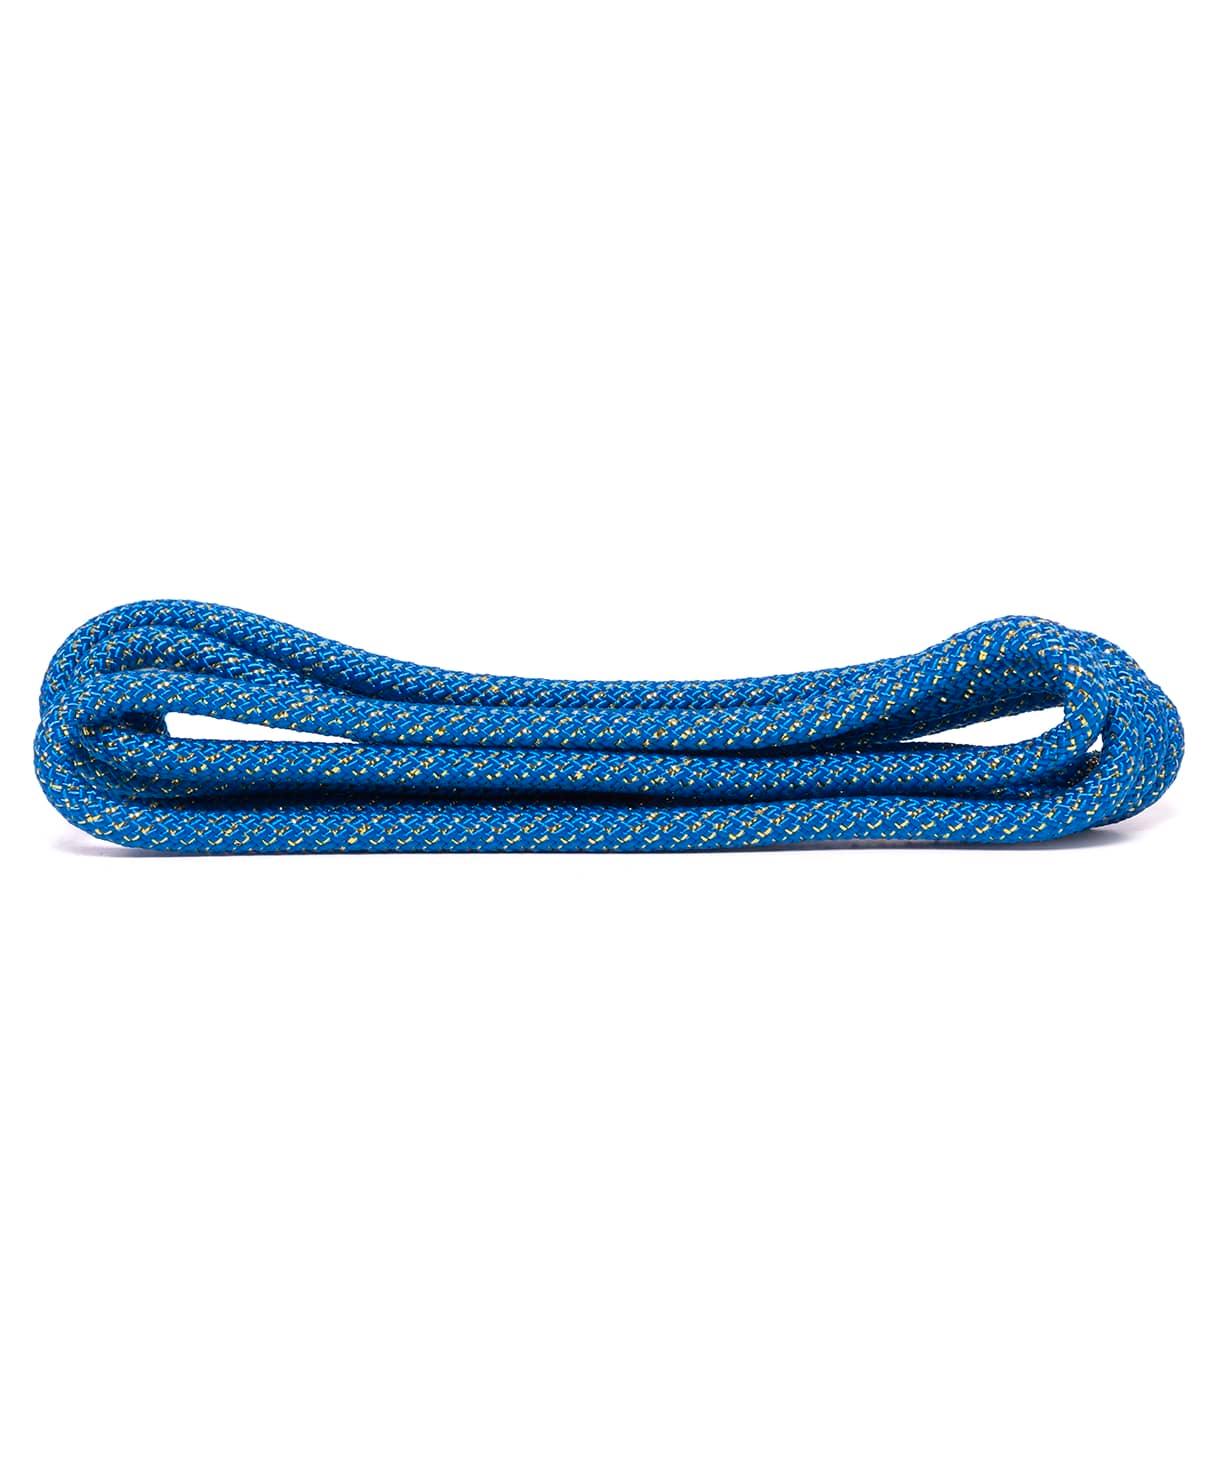 Скакалка для художественной гимнастики RGJ-403, 3м, синий/золотой, с люрексом